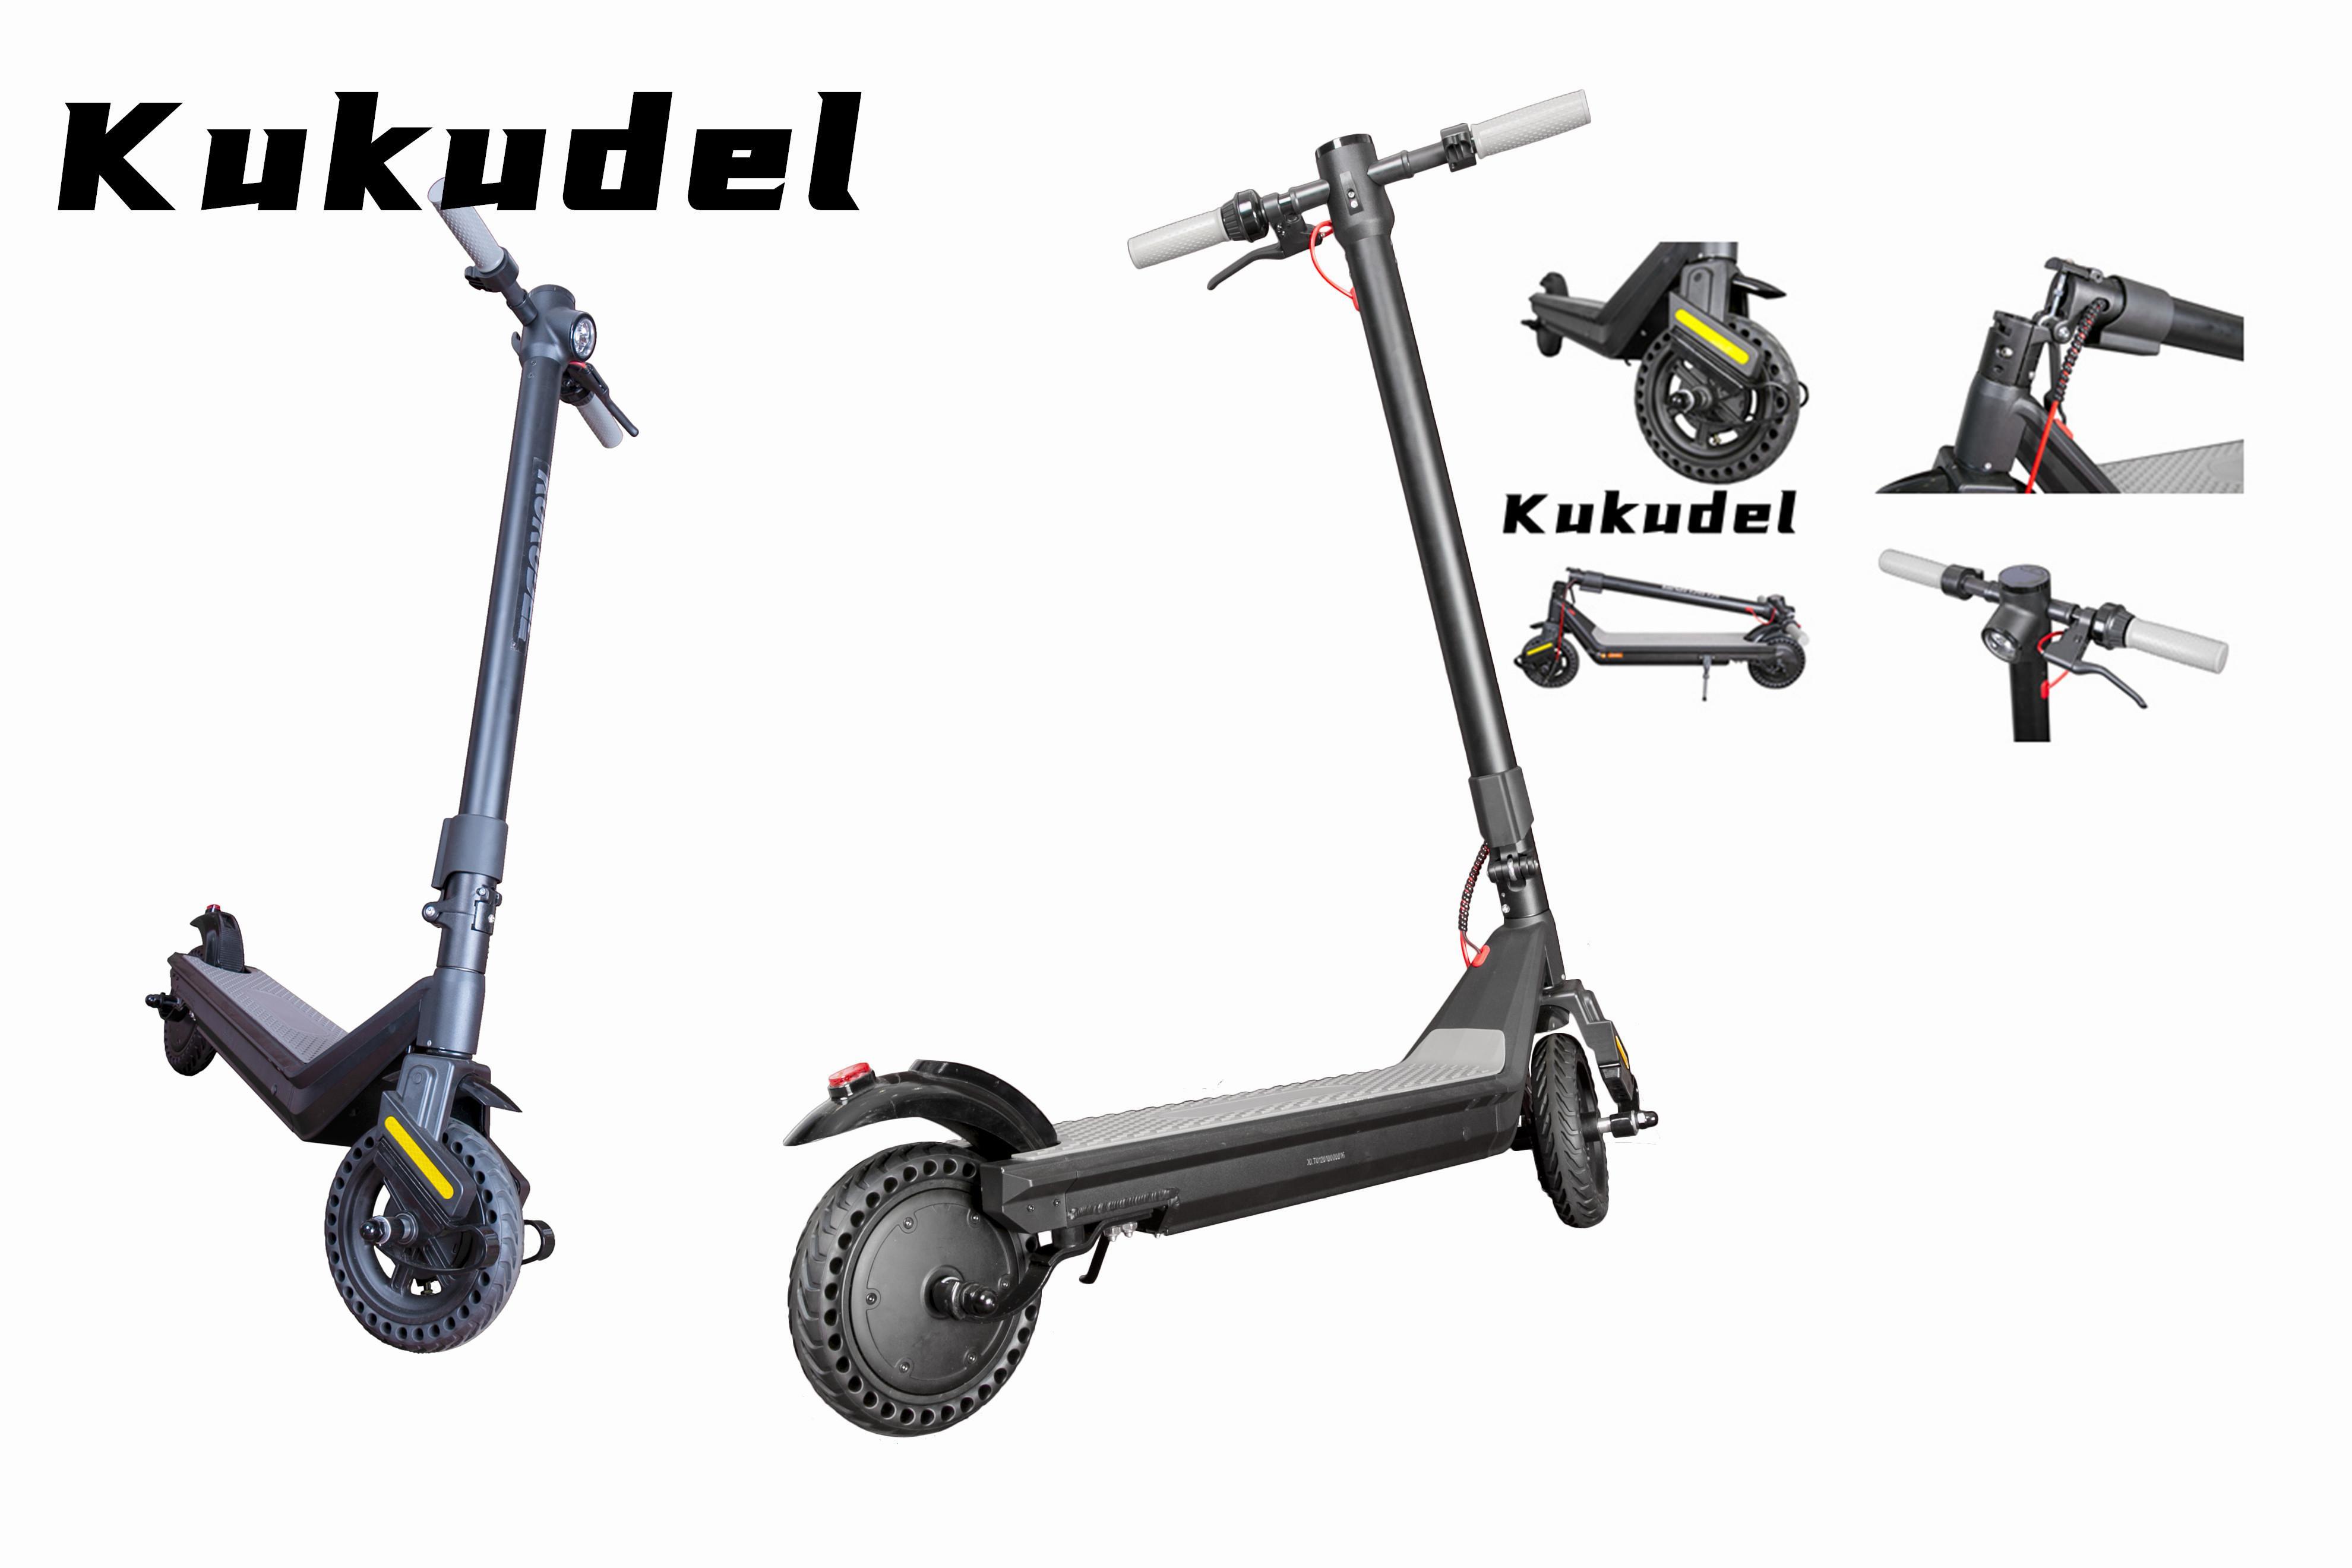 Kukudel-Roller-Marke Neue elektrische Skateboard-Leichtigkeit statt Wanderer Roller Höchstgeschwindigkeit 25km / h Aluminiumlegierung Frame Kick-Roller 03